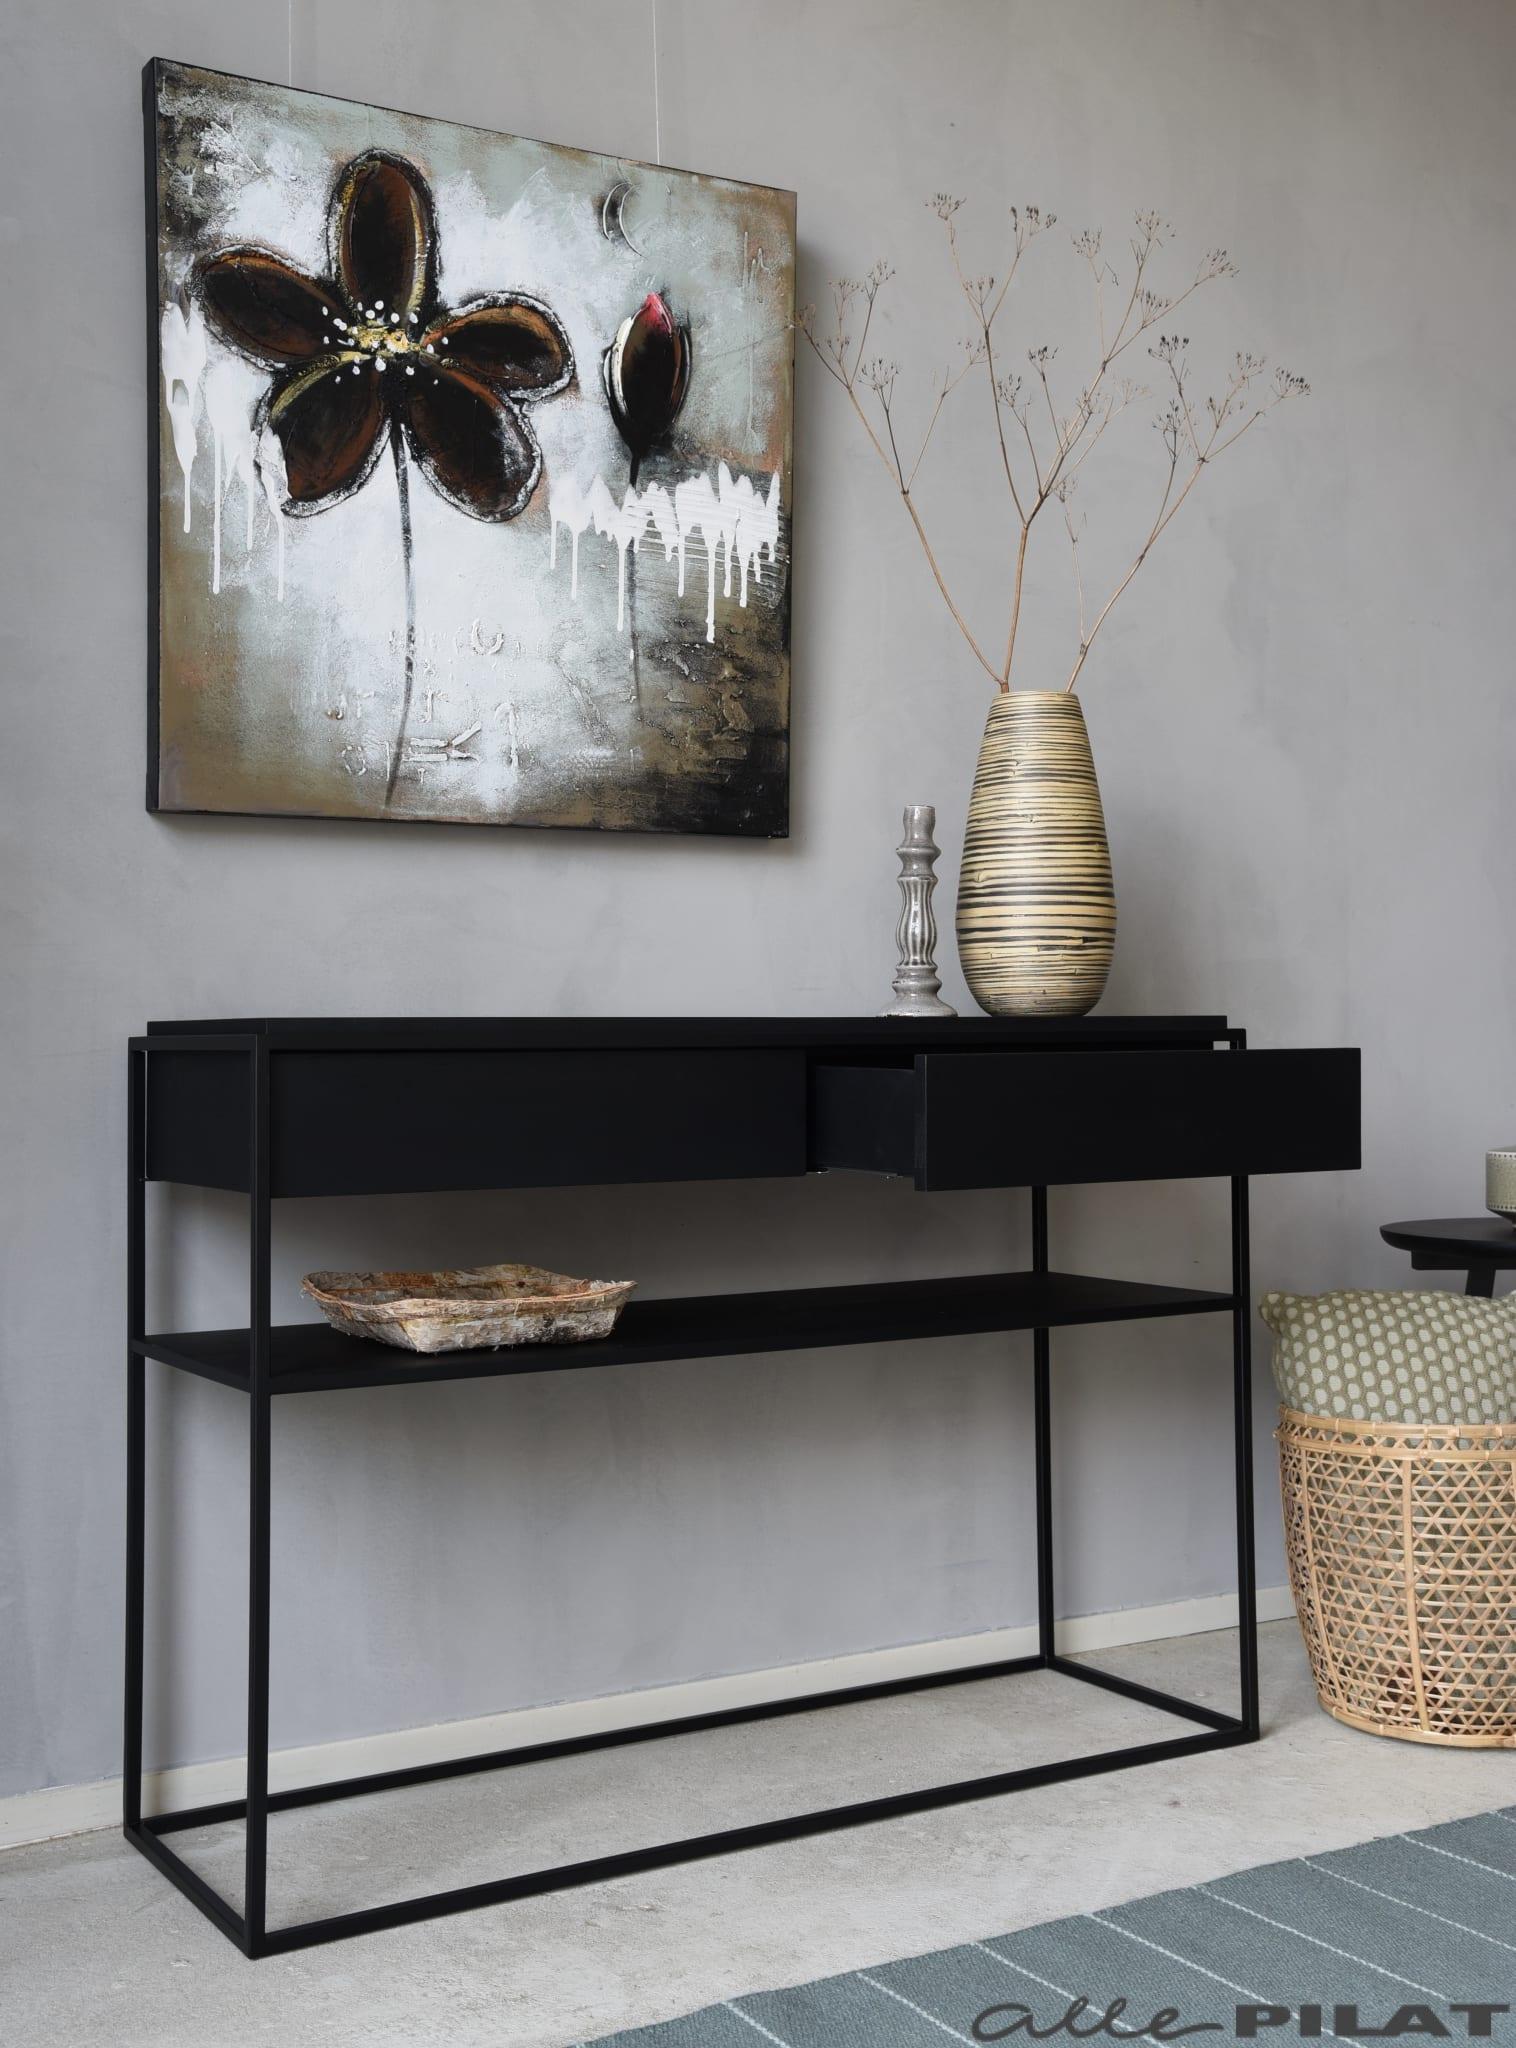 Zwarte Sidetable Met Lade.Zwarte Side Table Black Van Eikenhout Woonwinkel Alle Pilat